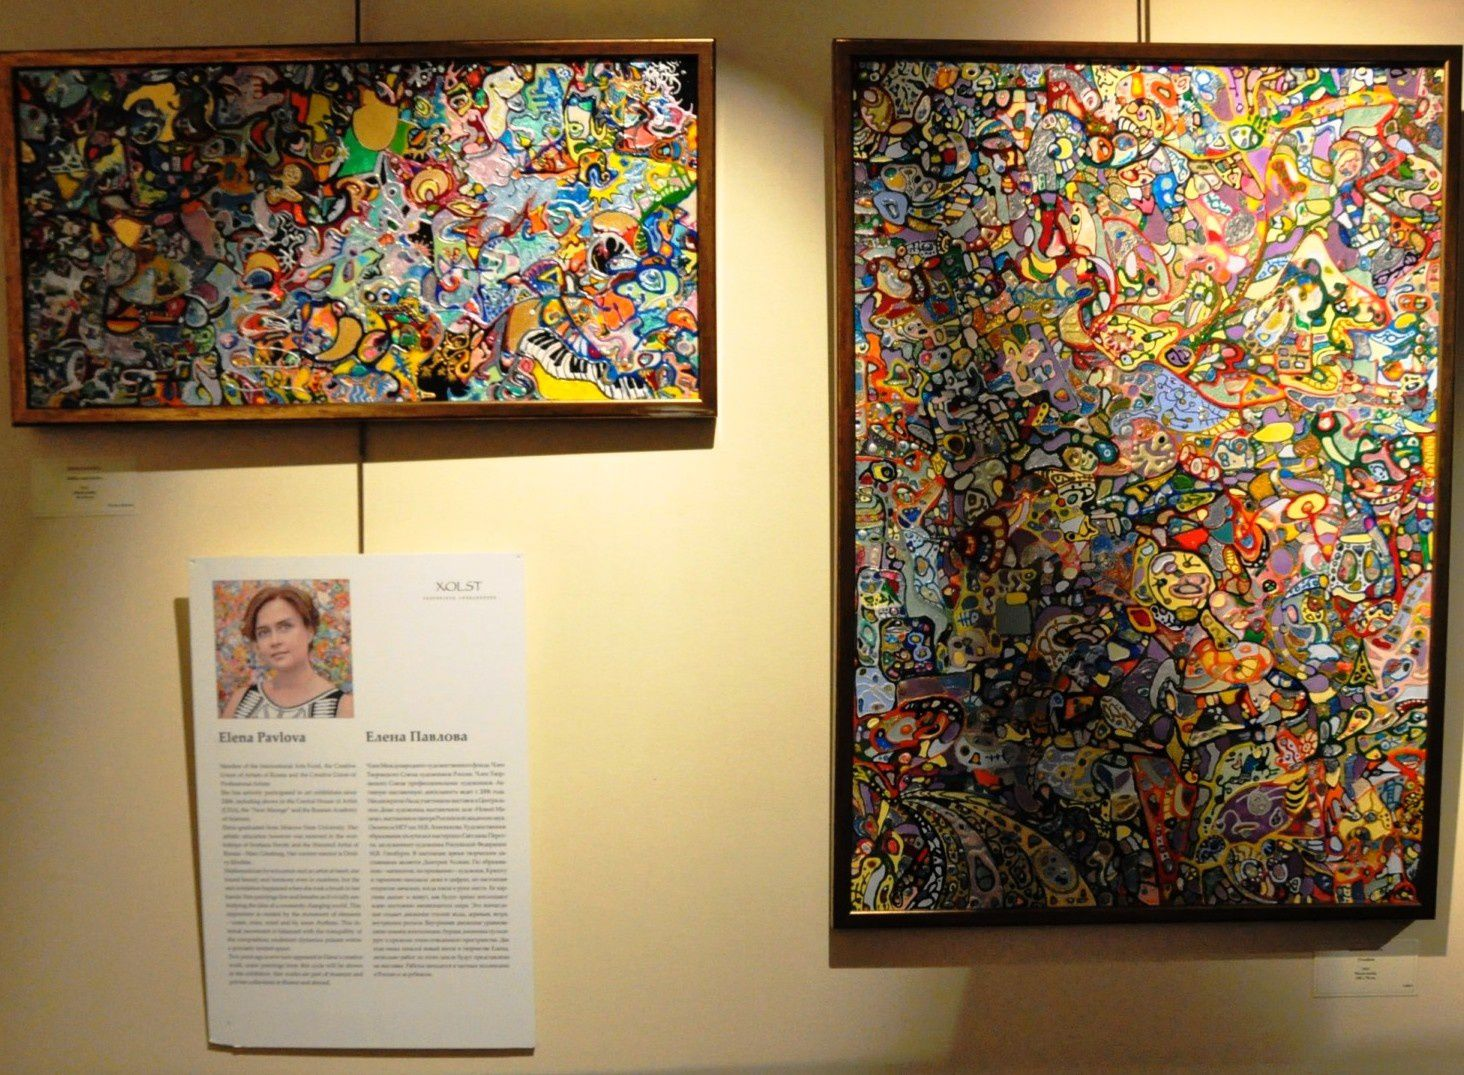 La Galerie Maison d'Art accueille l'exposition « Tête-à-Tête » du 12 au 22 septembre 2015 dans le cadre de l'année de la Russie à Monaco.